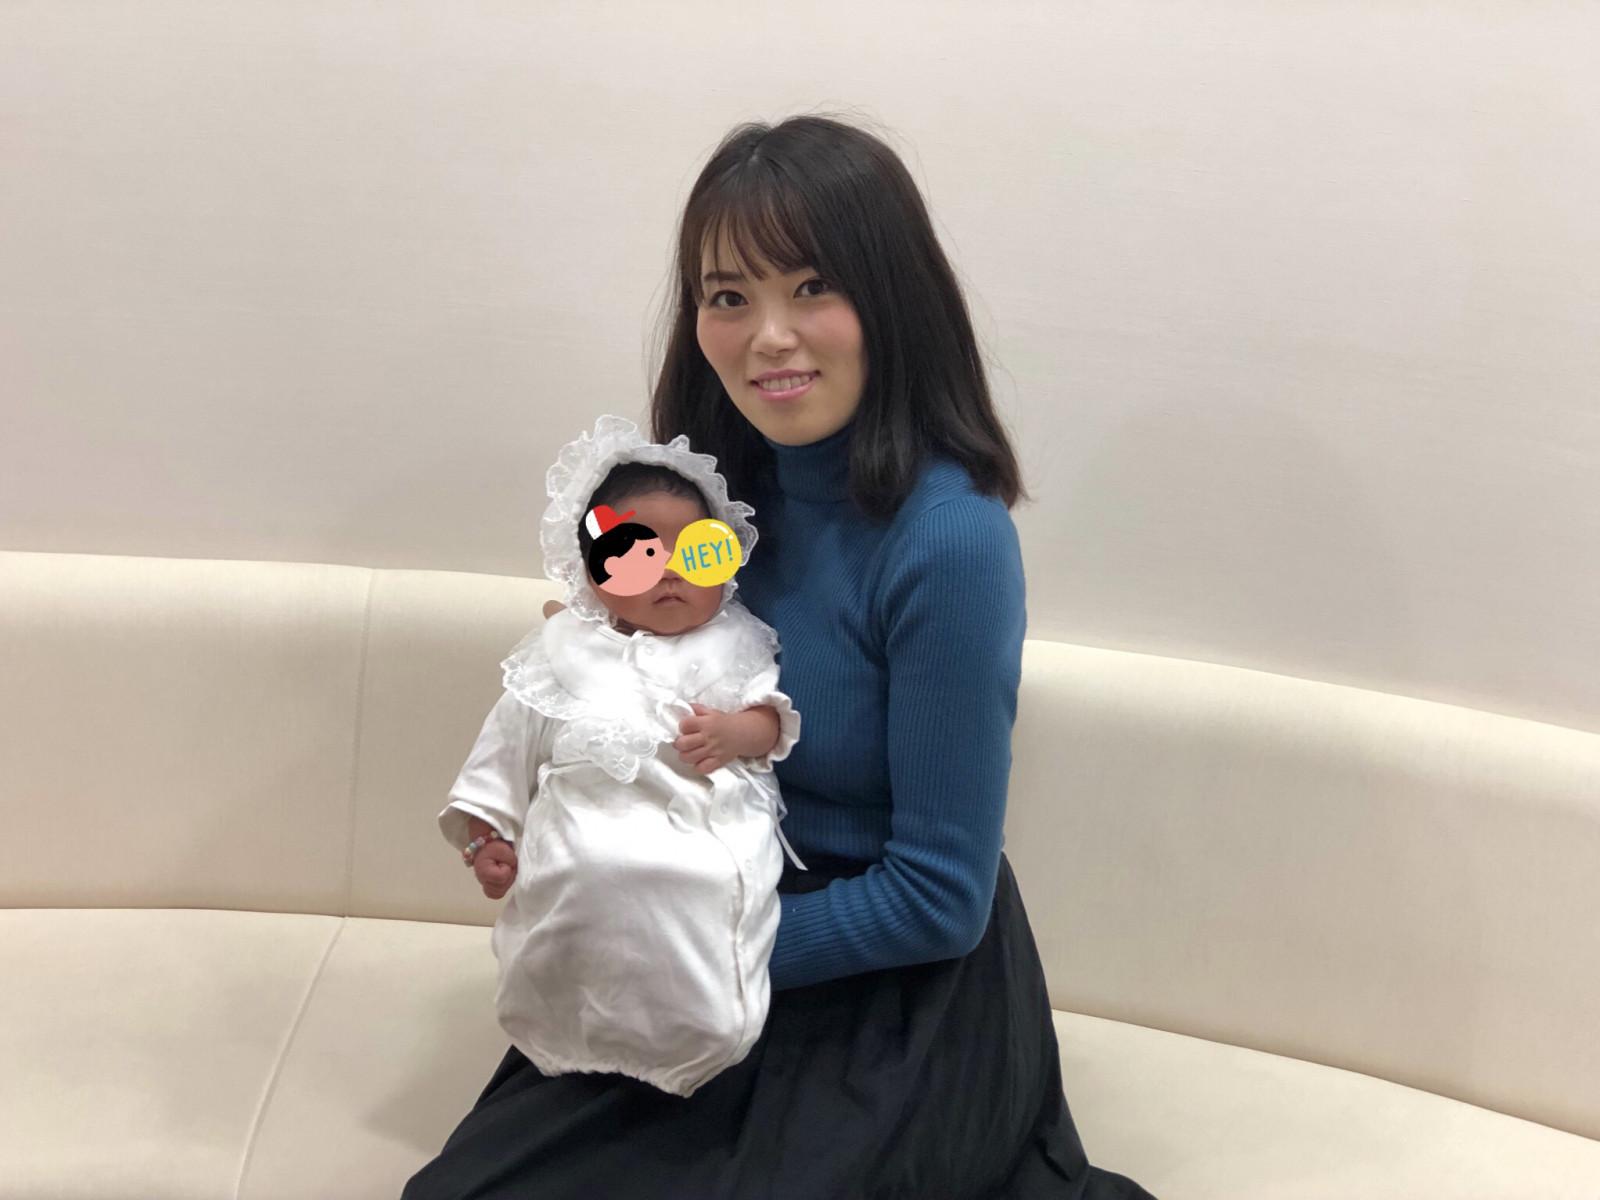 【報告】4000g超えの大きなベビーが産まれました♡